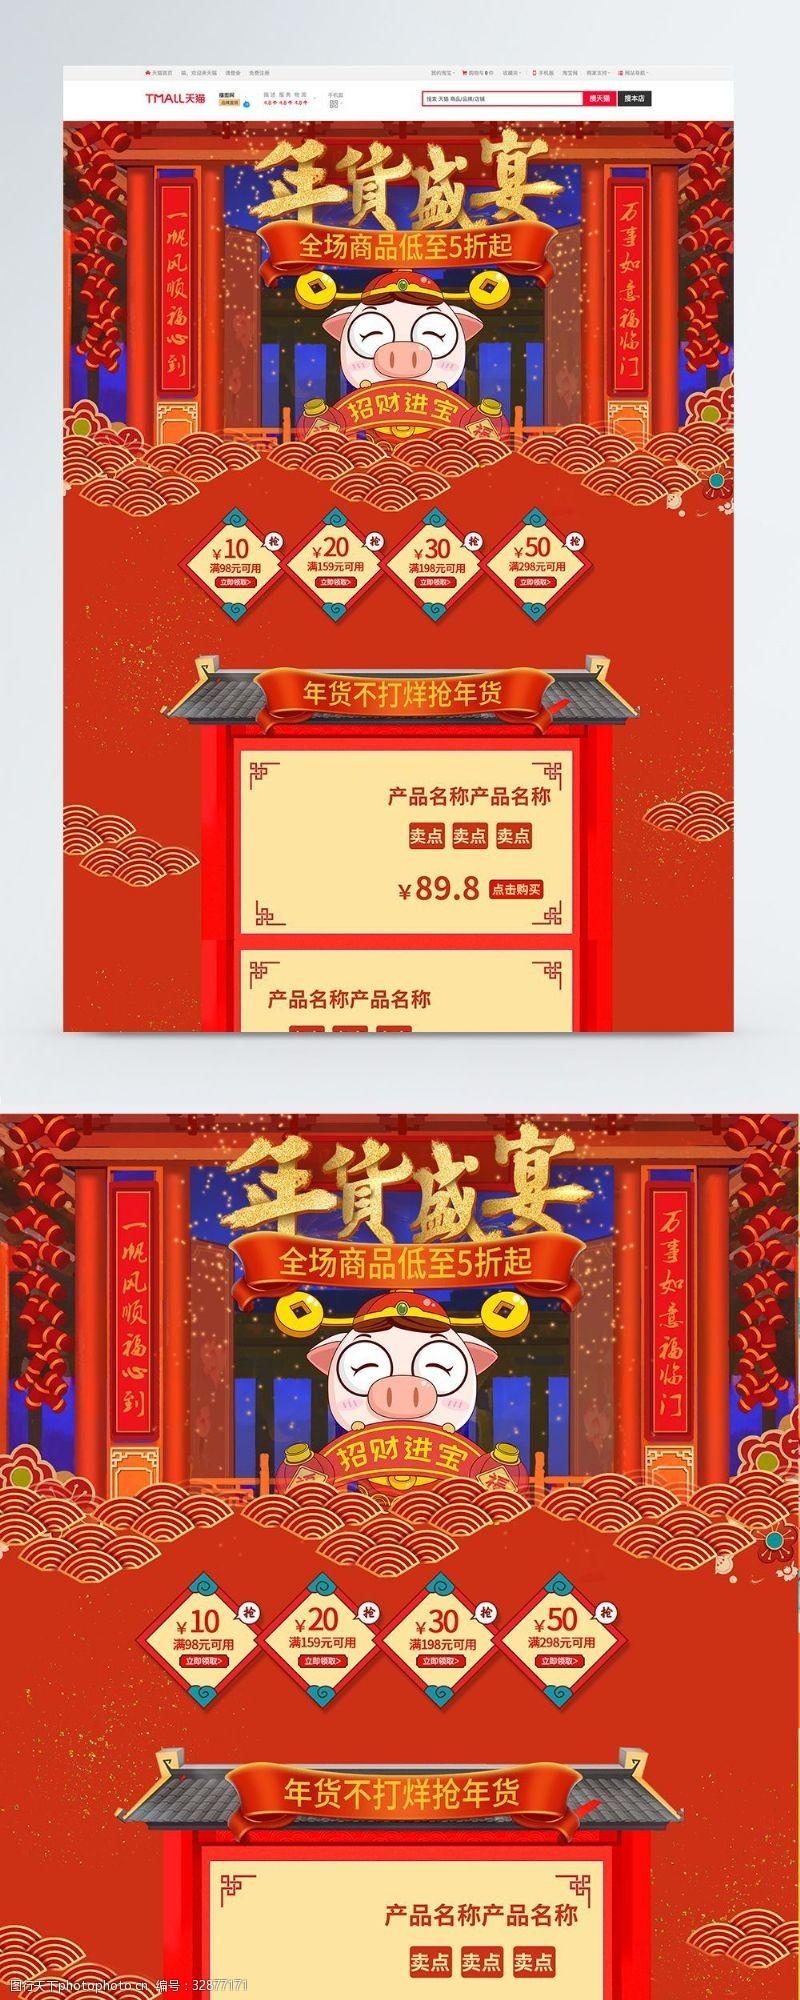 紅色年貨盛宴豬年新年促銷淘寶首頁模板